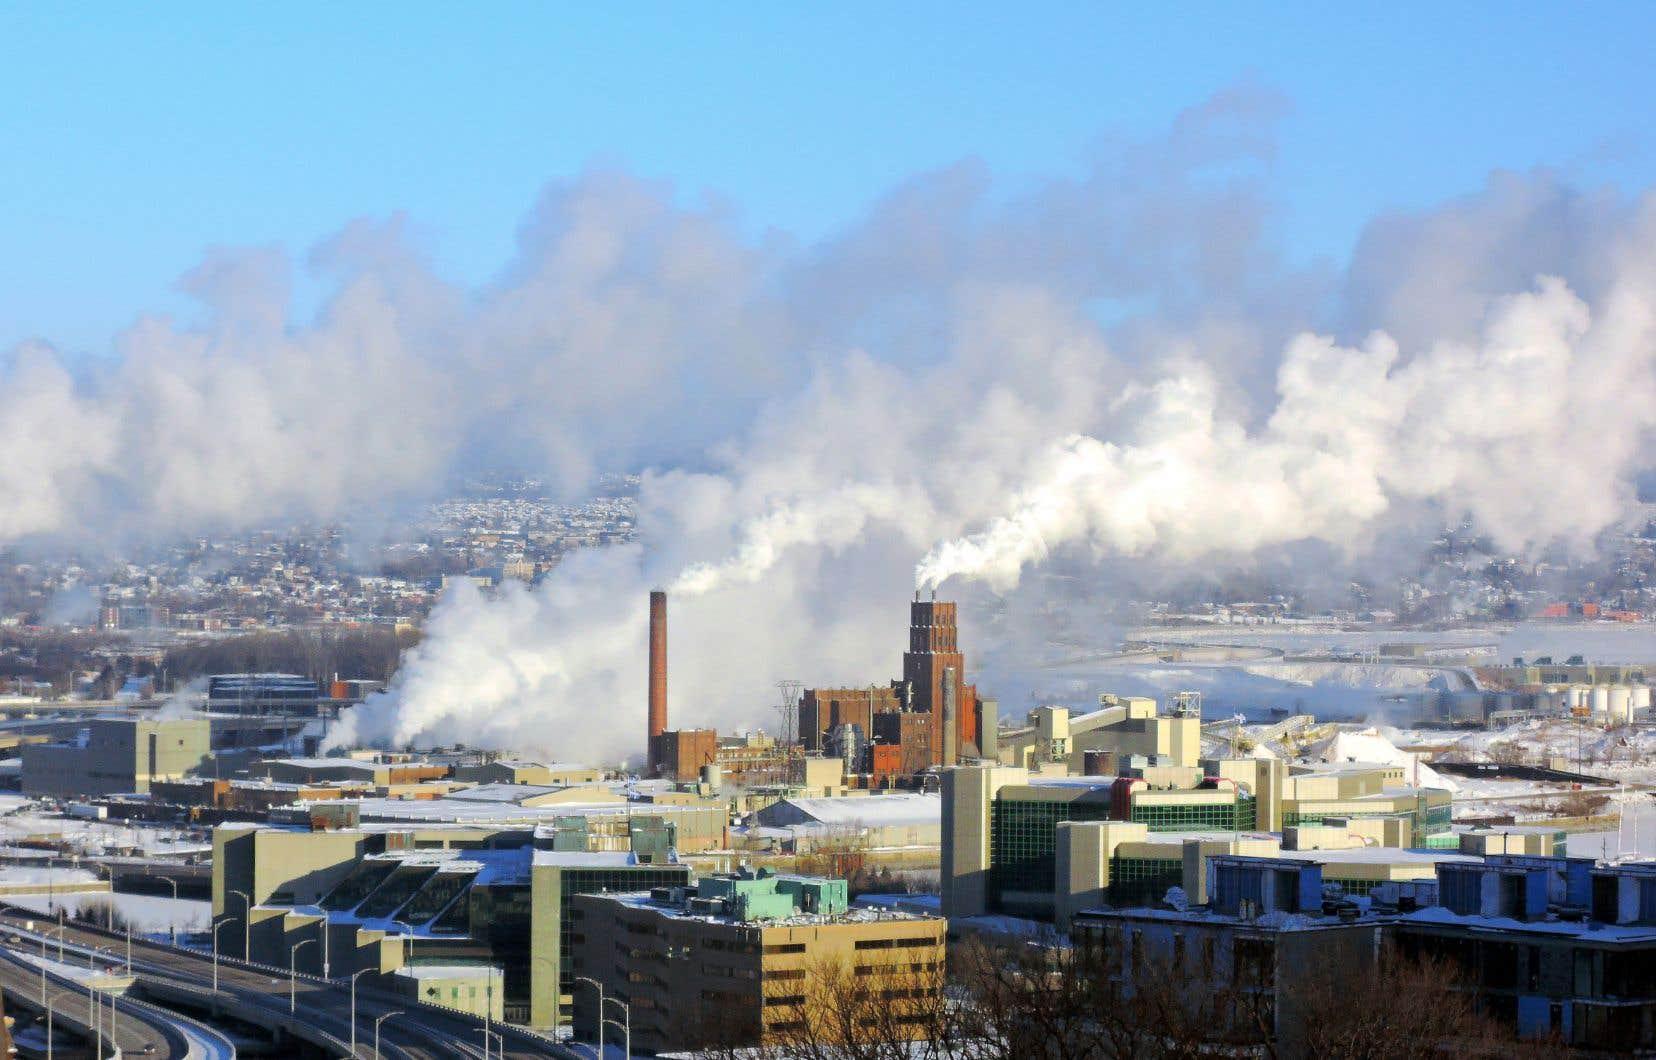 Le gouvernement du Québec s'est engagé à réduire de 20% les émissions de gaz à effet de serre (GES) de la province d'ici 2020 par rapport au niveau de 1990.